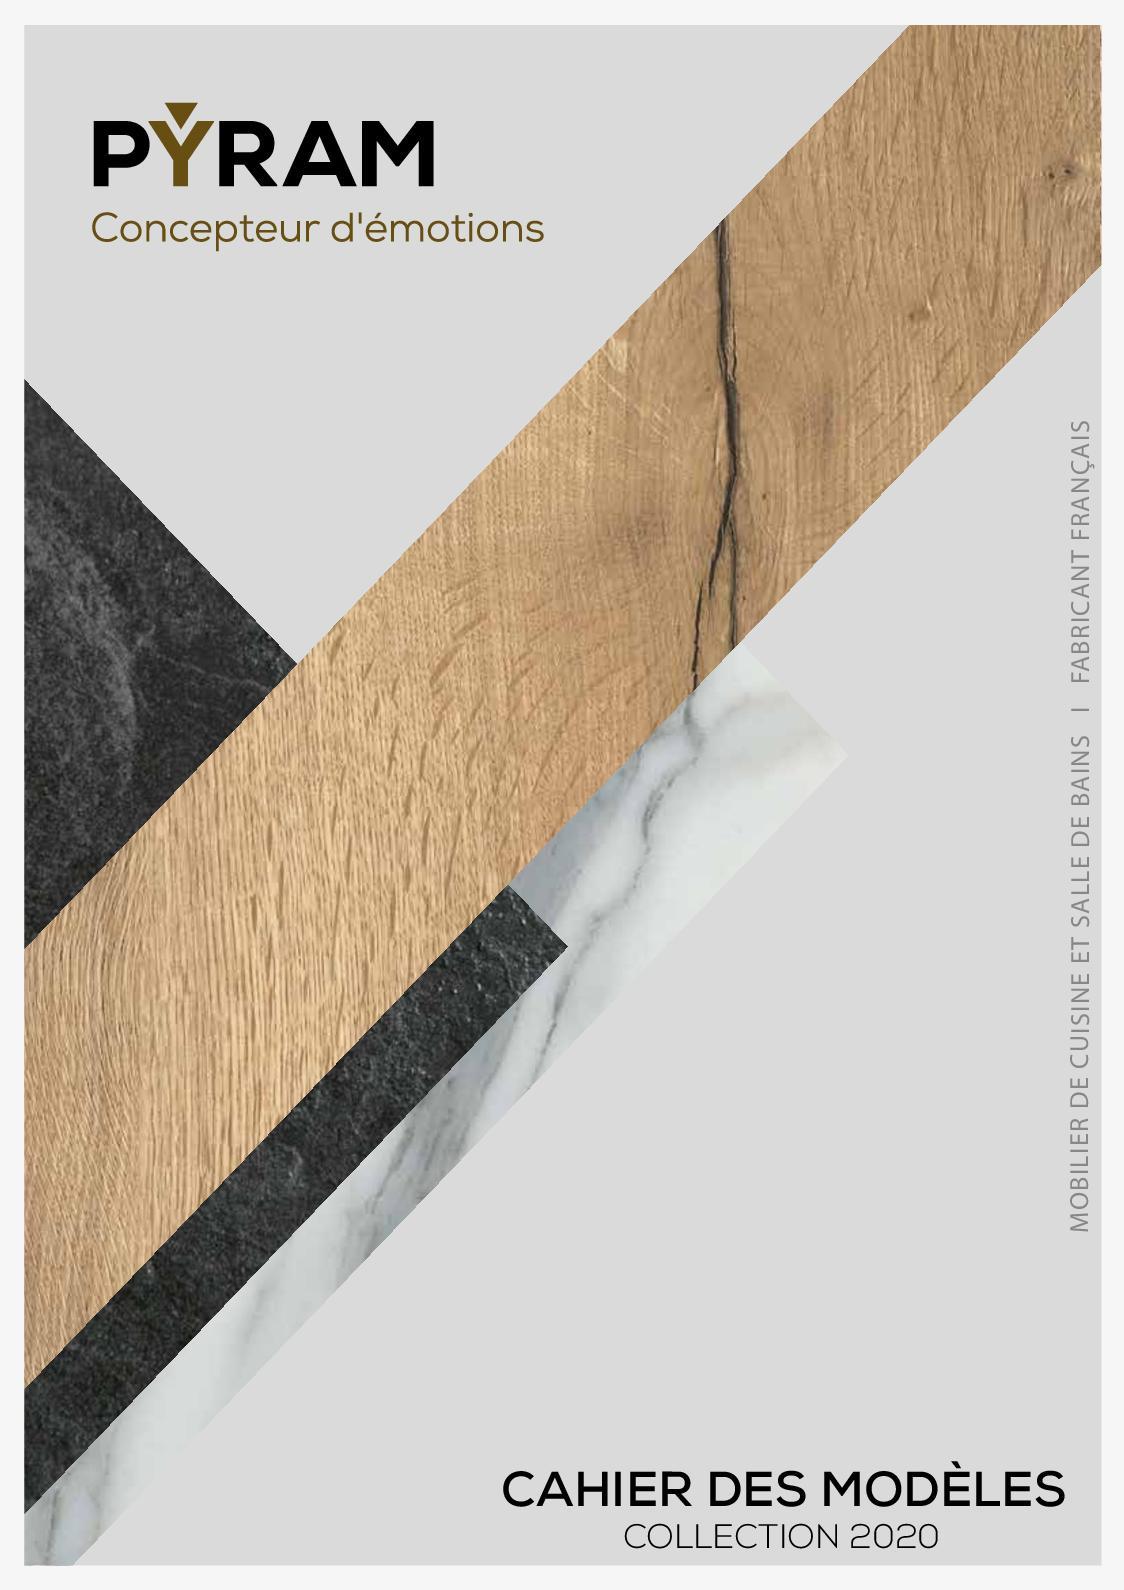 Fabricant De Caisson De Cuisine calaméo - cahier modeles collection 2020